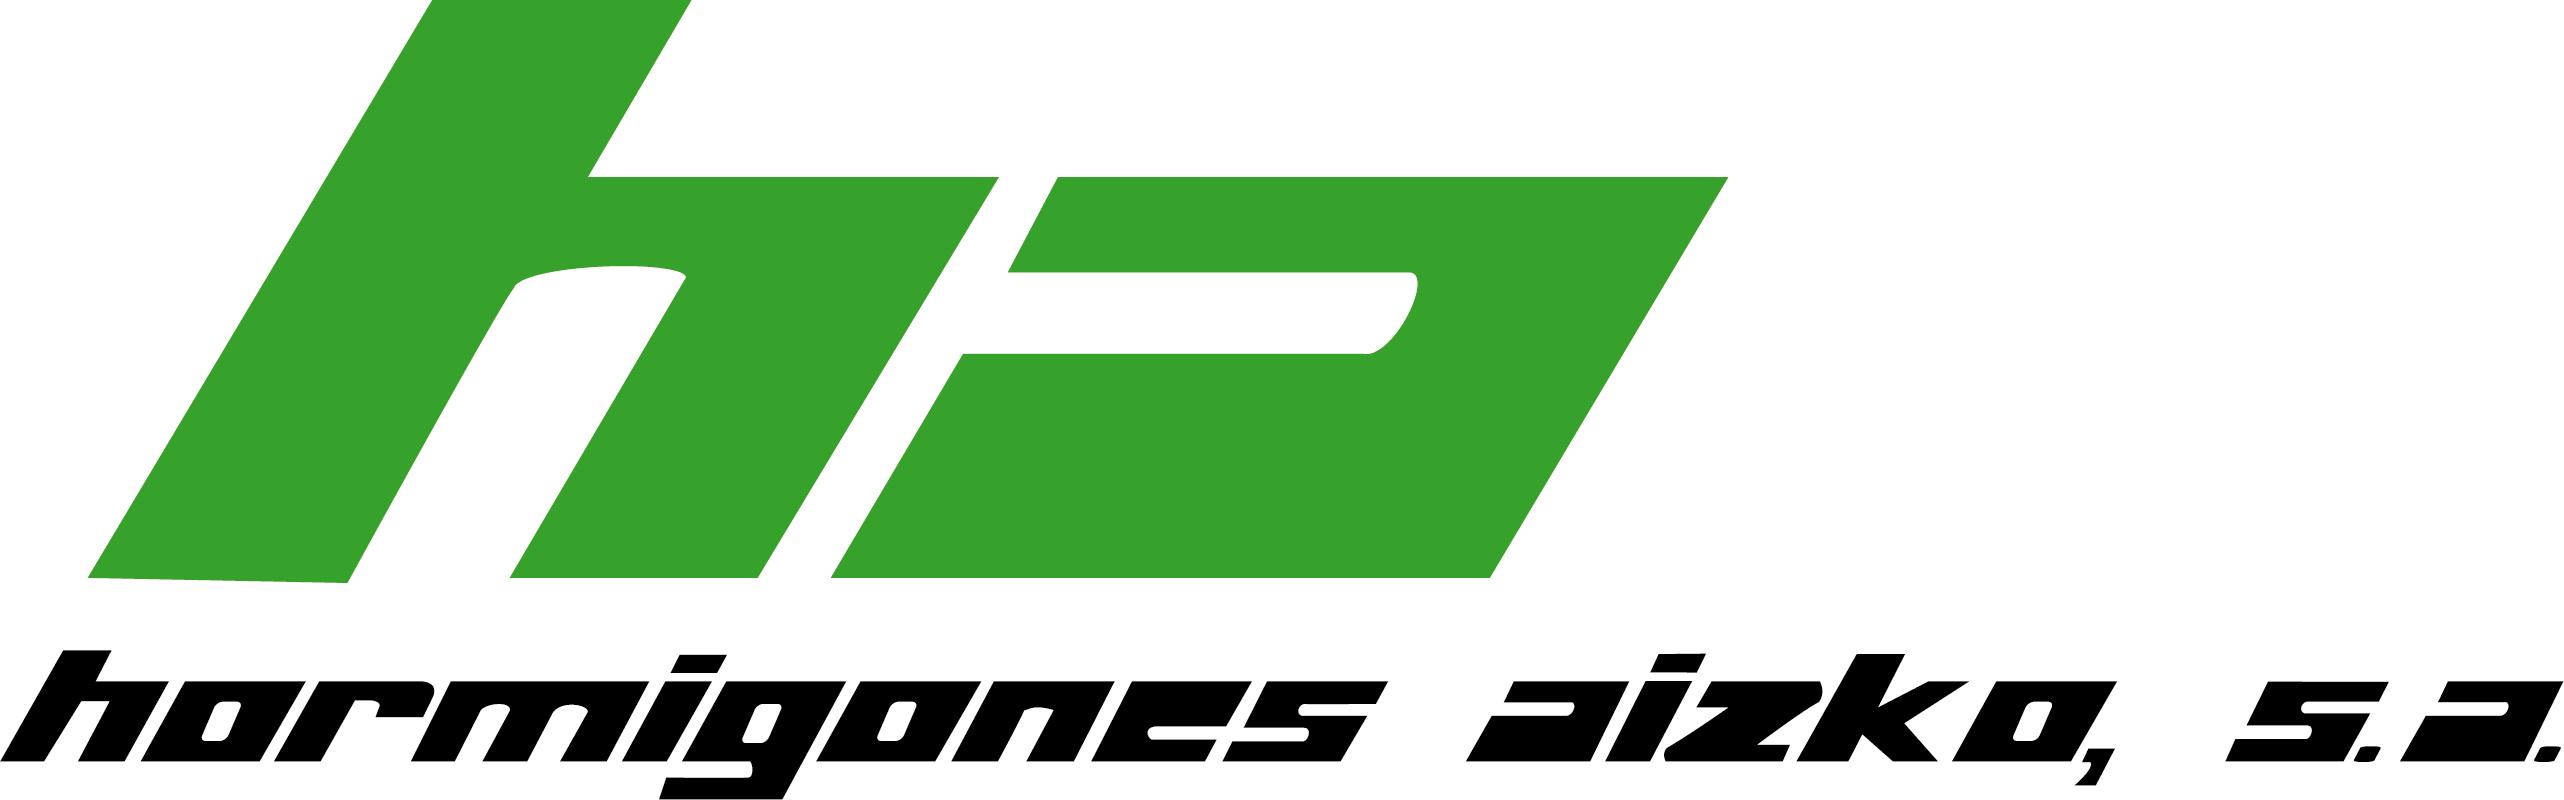 Logo Aizko